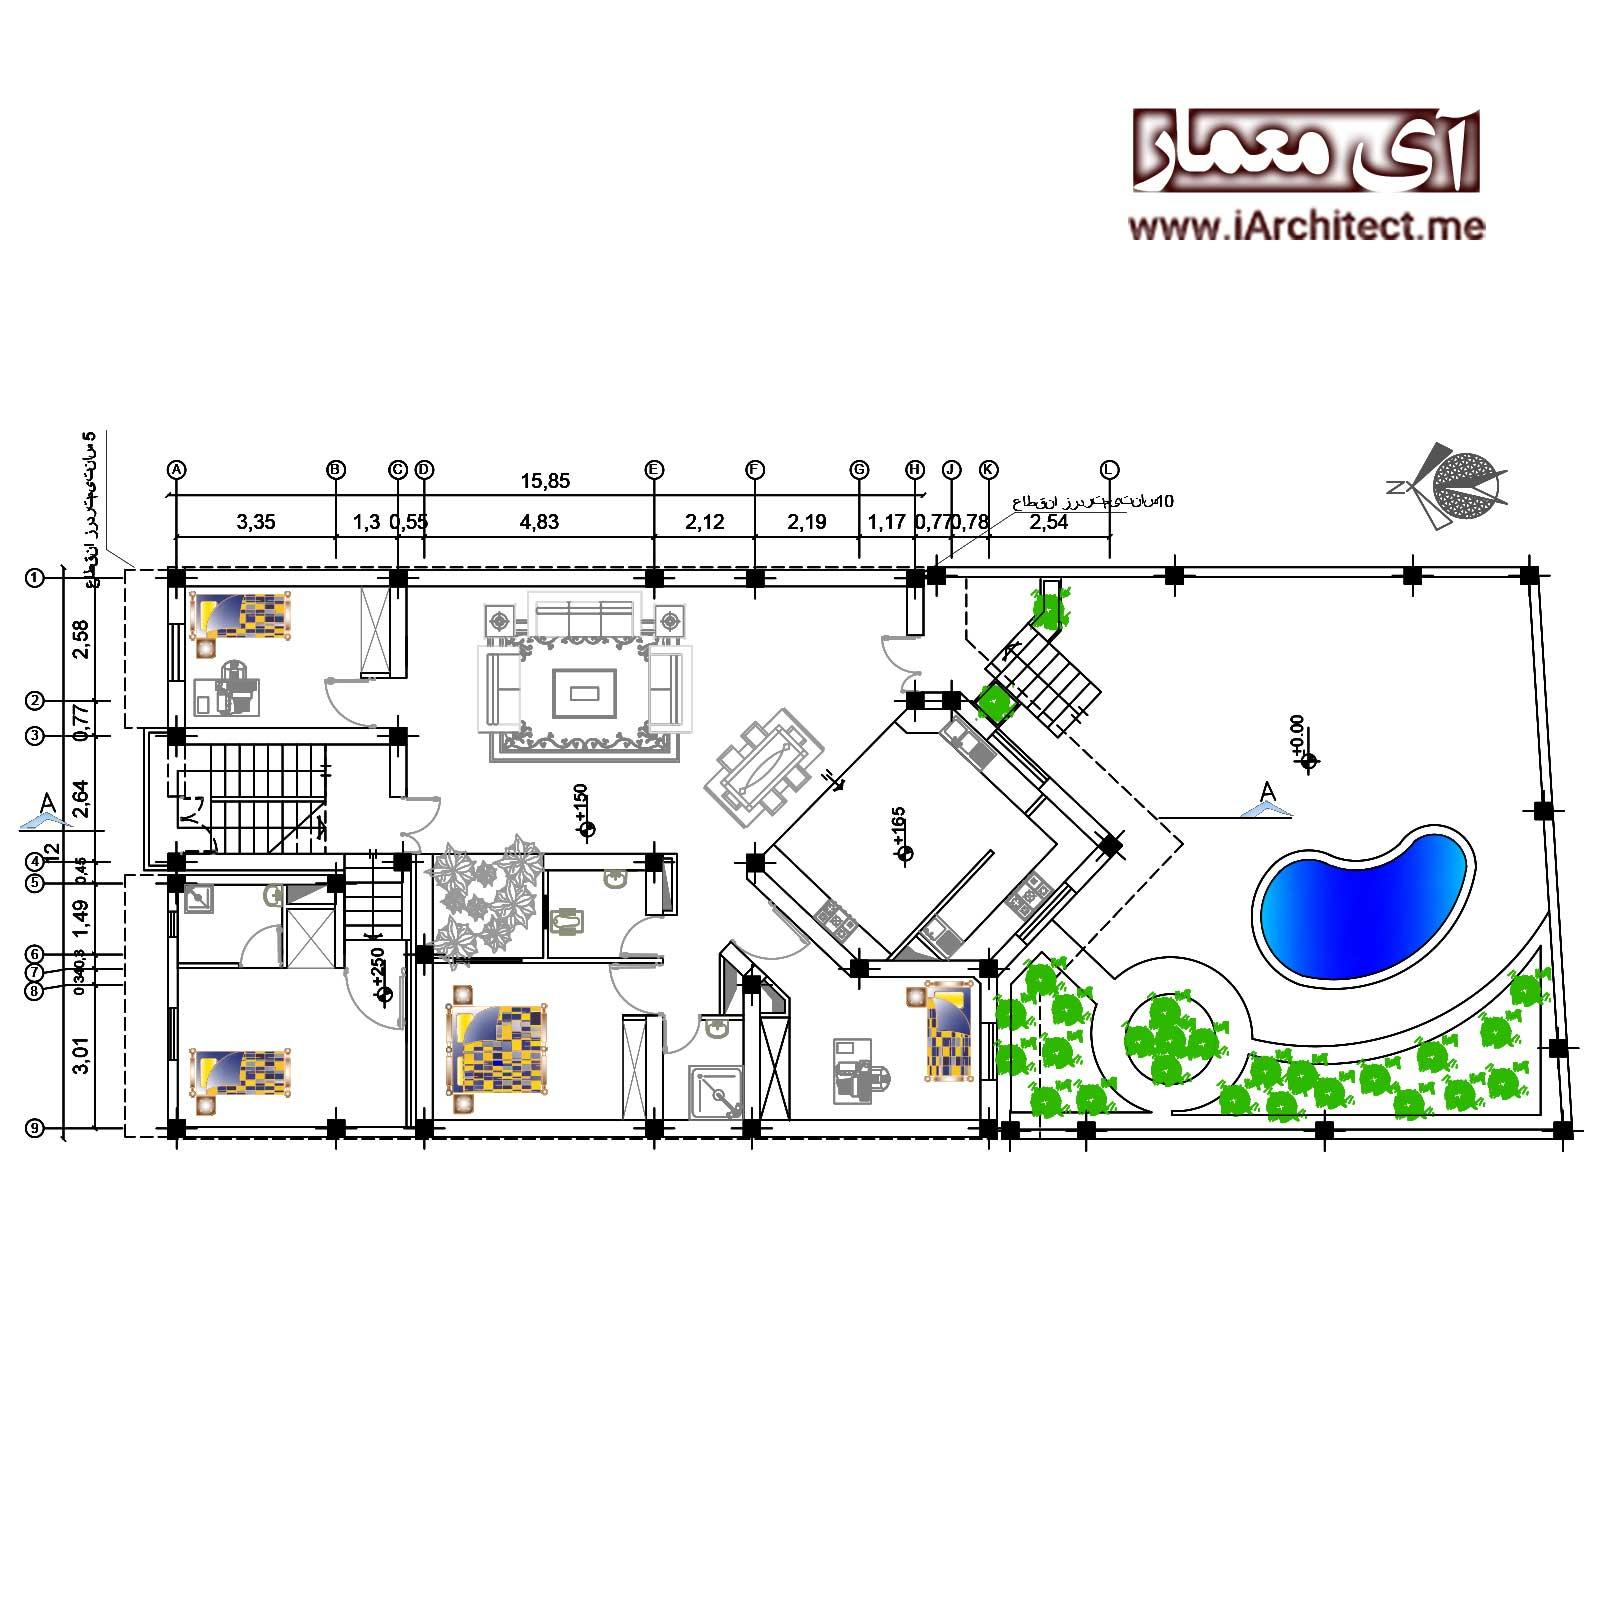 پکیج نقشه های ویلایی